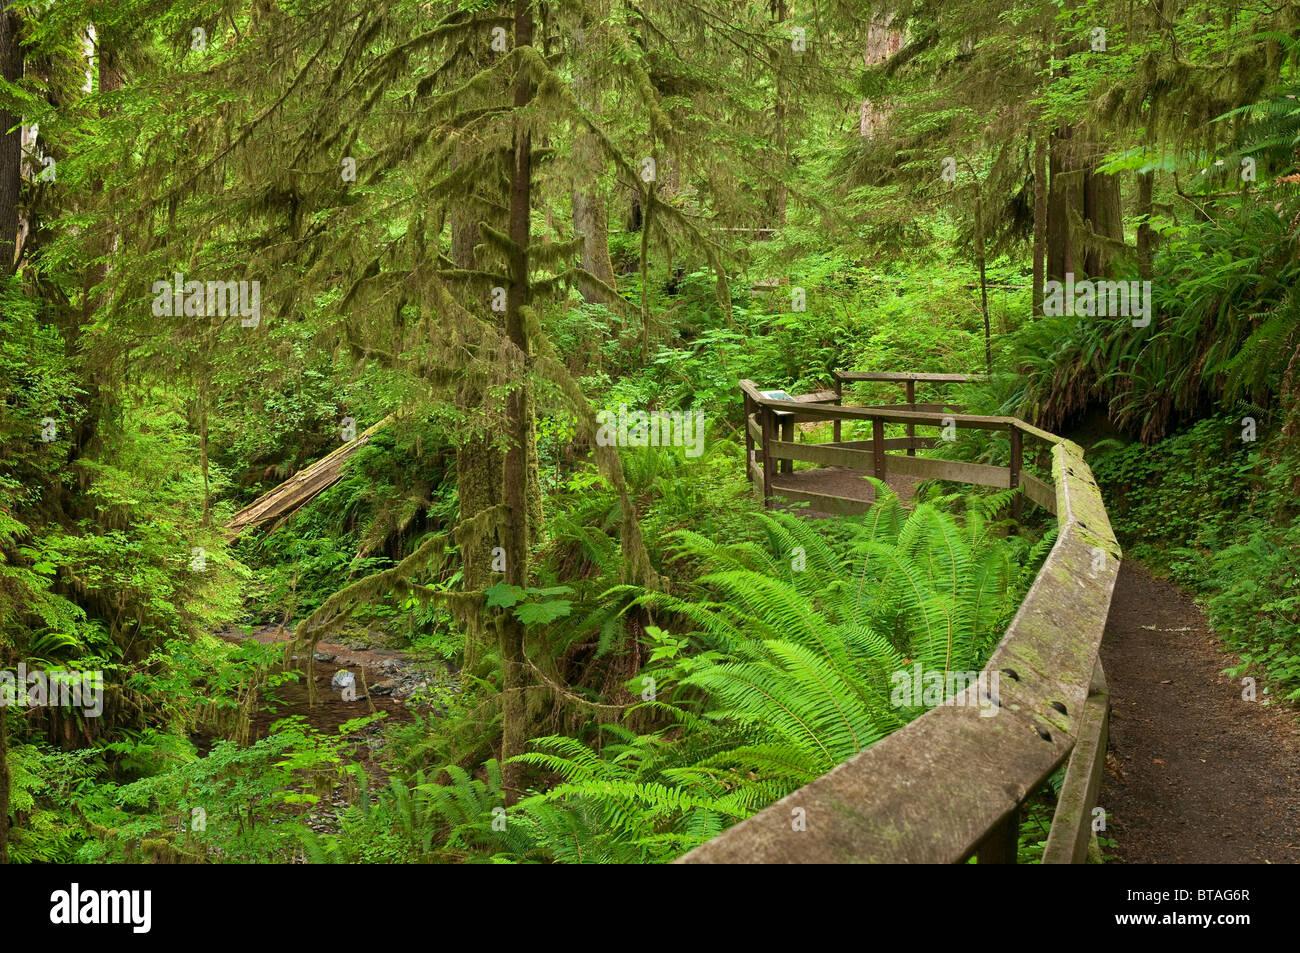 Quinault Rainforest Trail, Olympic National Forest, dans l'État de Washington. Photo Stock